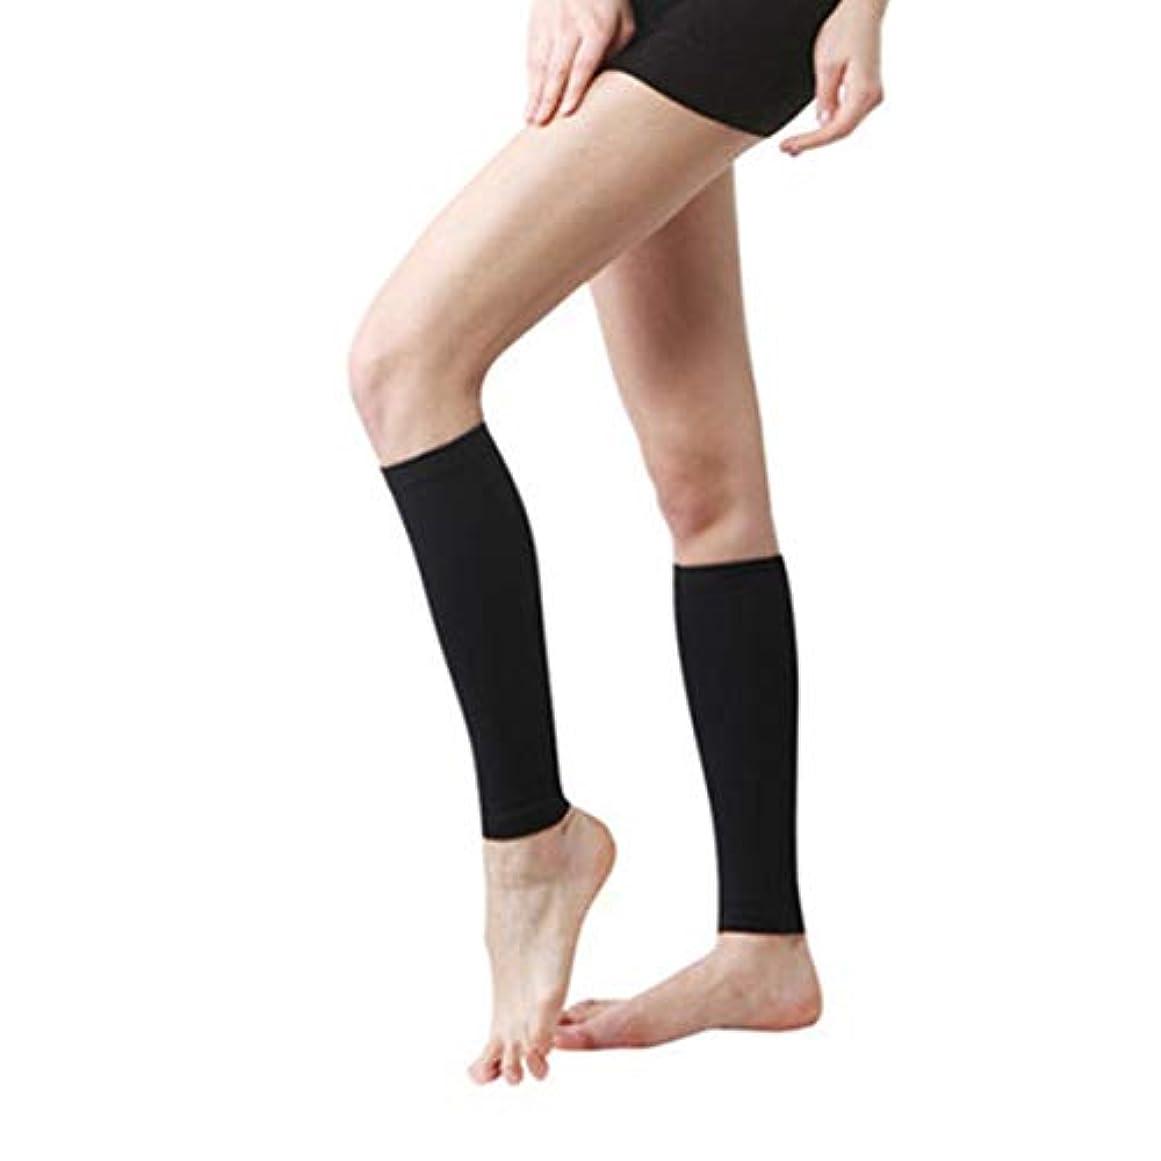 お父さん排泄物麻酔薬丈夫な男性女性プロの圧縮靴下通気性のある旅行活動看護師用シンススプリントフライトトラベル - ブラック